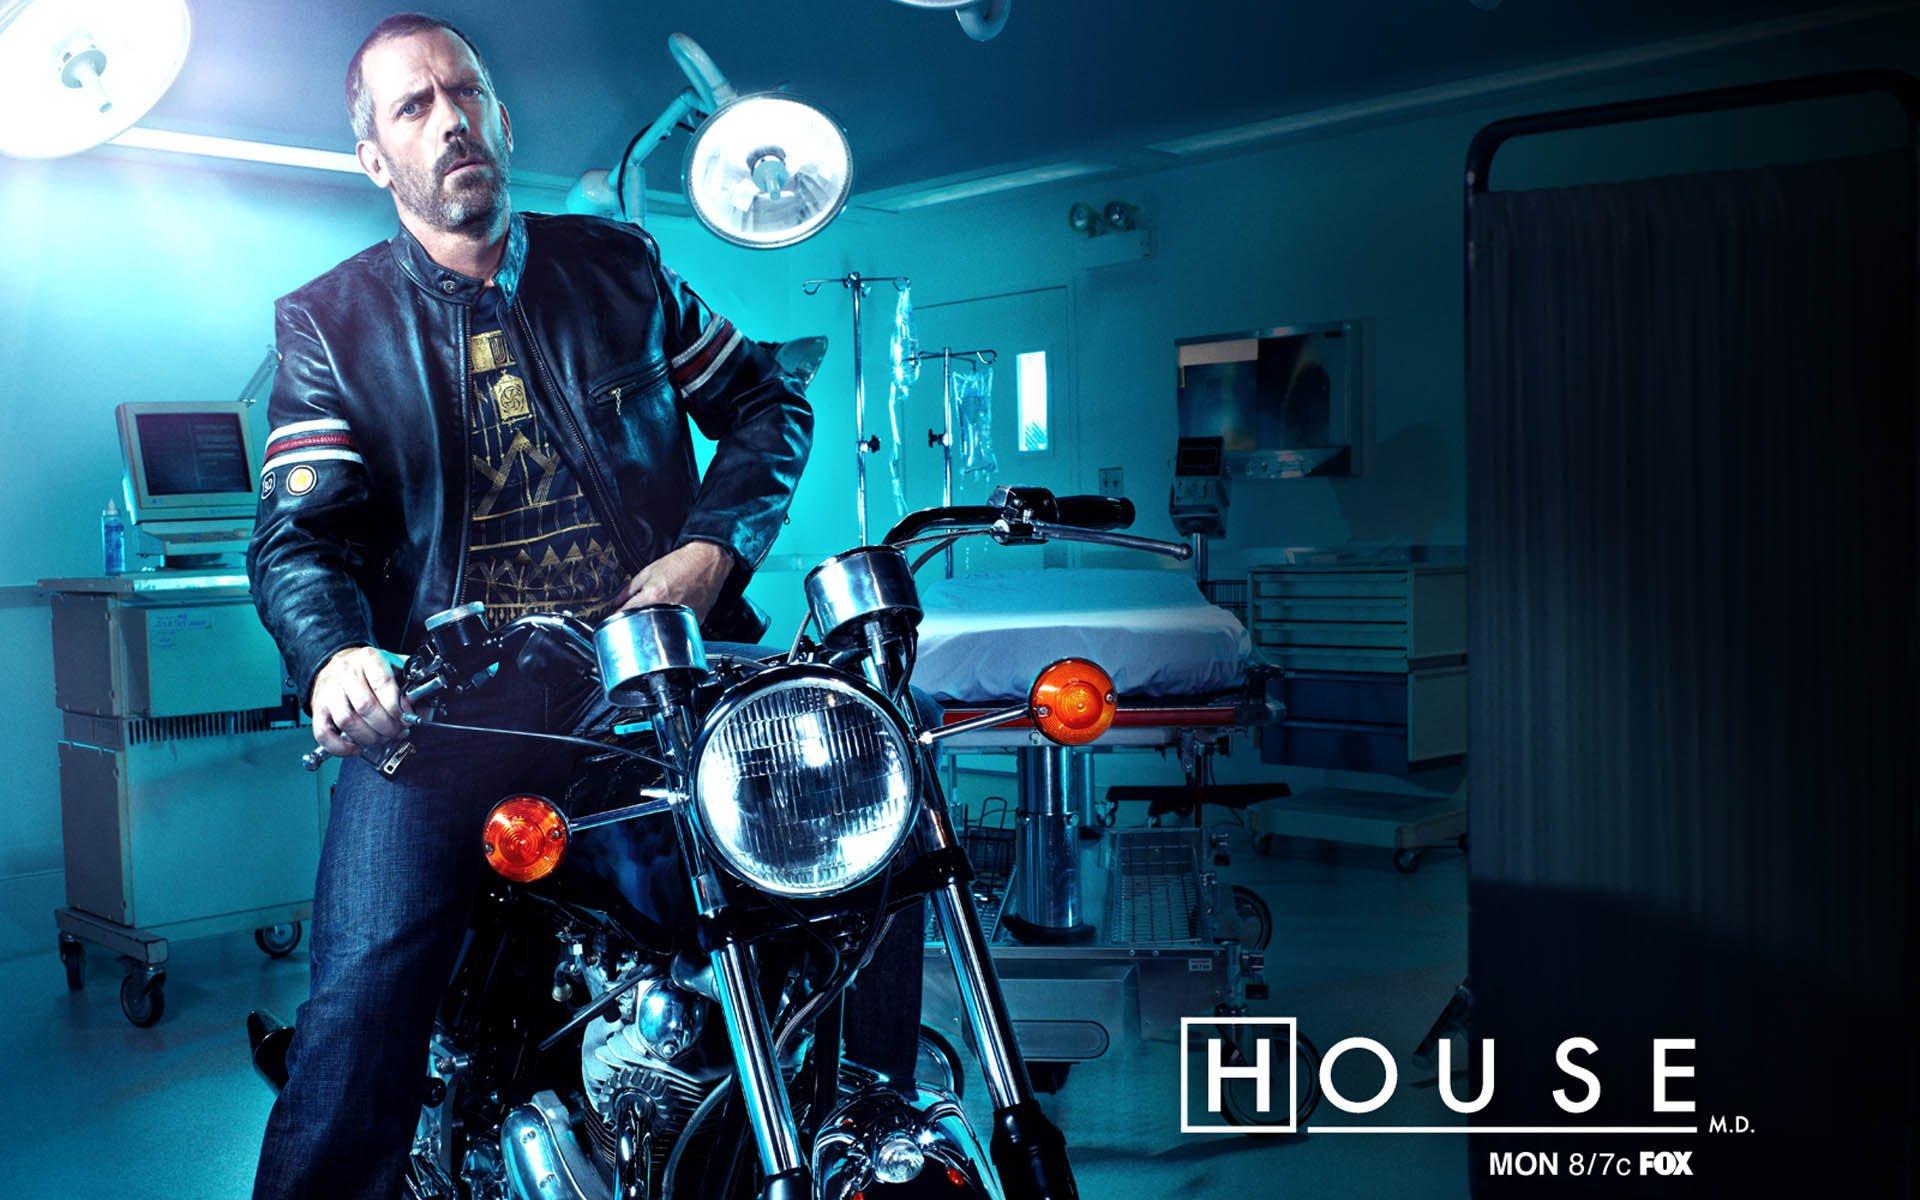 بازاریابی به سبک دکتر هاوس  Dr. House